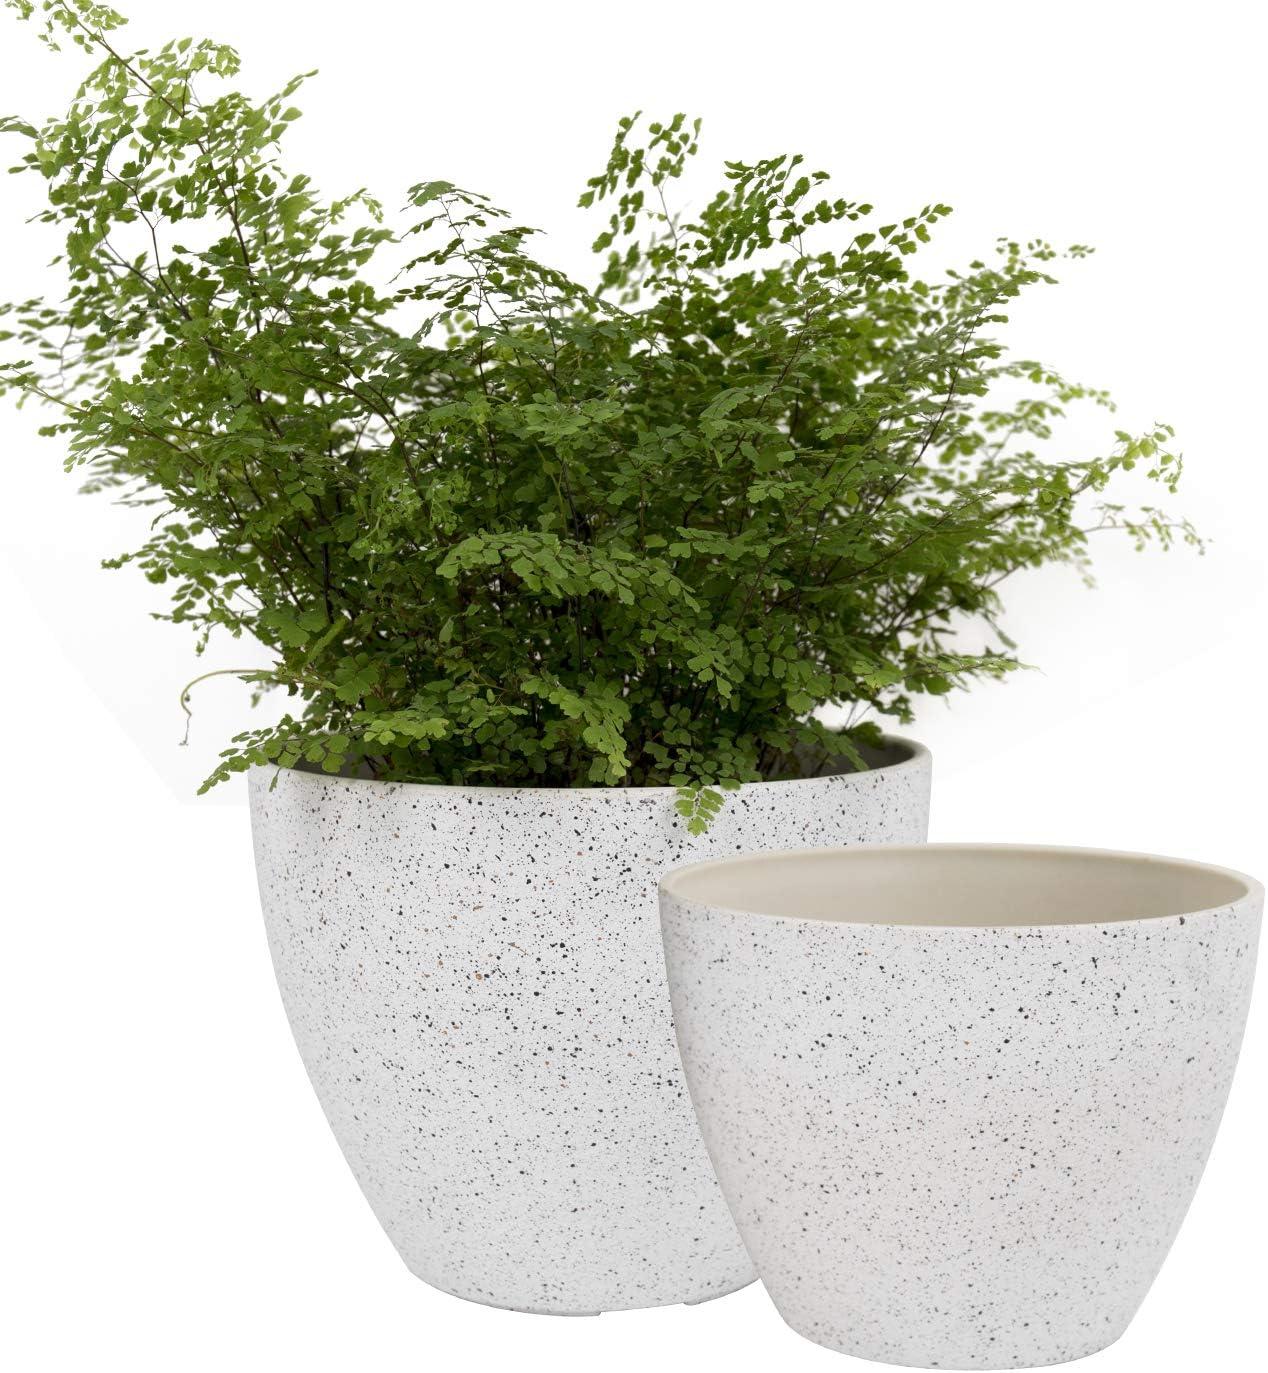 La Jolie Muse Flower Pots Outdoor, Outdoor Garden Pot Plants